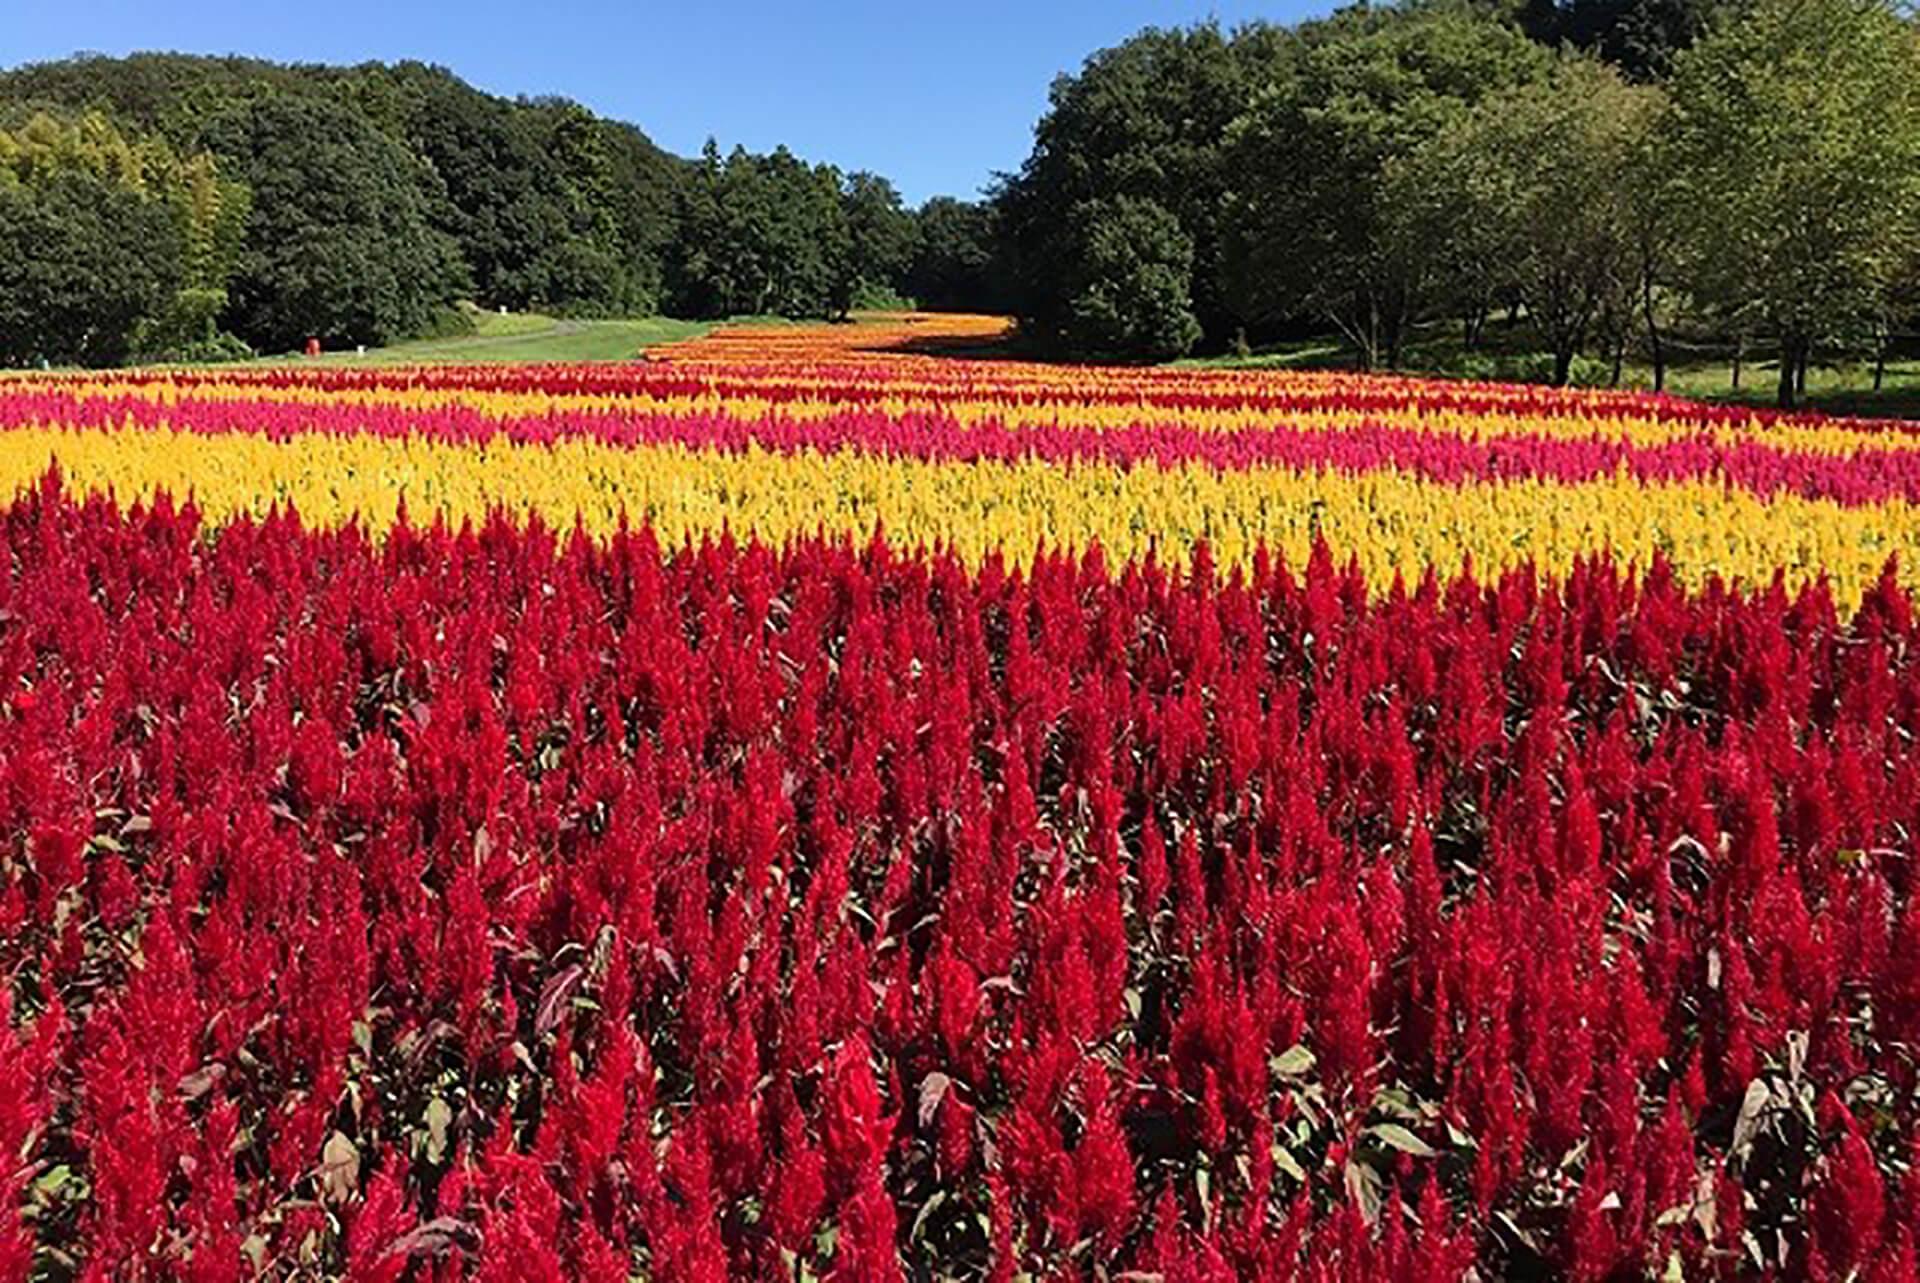 この写真は国営武蔵丘陵森林公園で「ケイトウ」が咲き乱れる様子